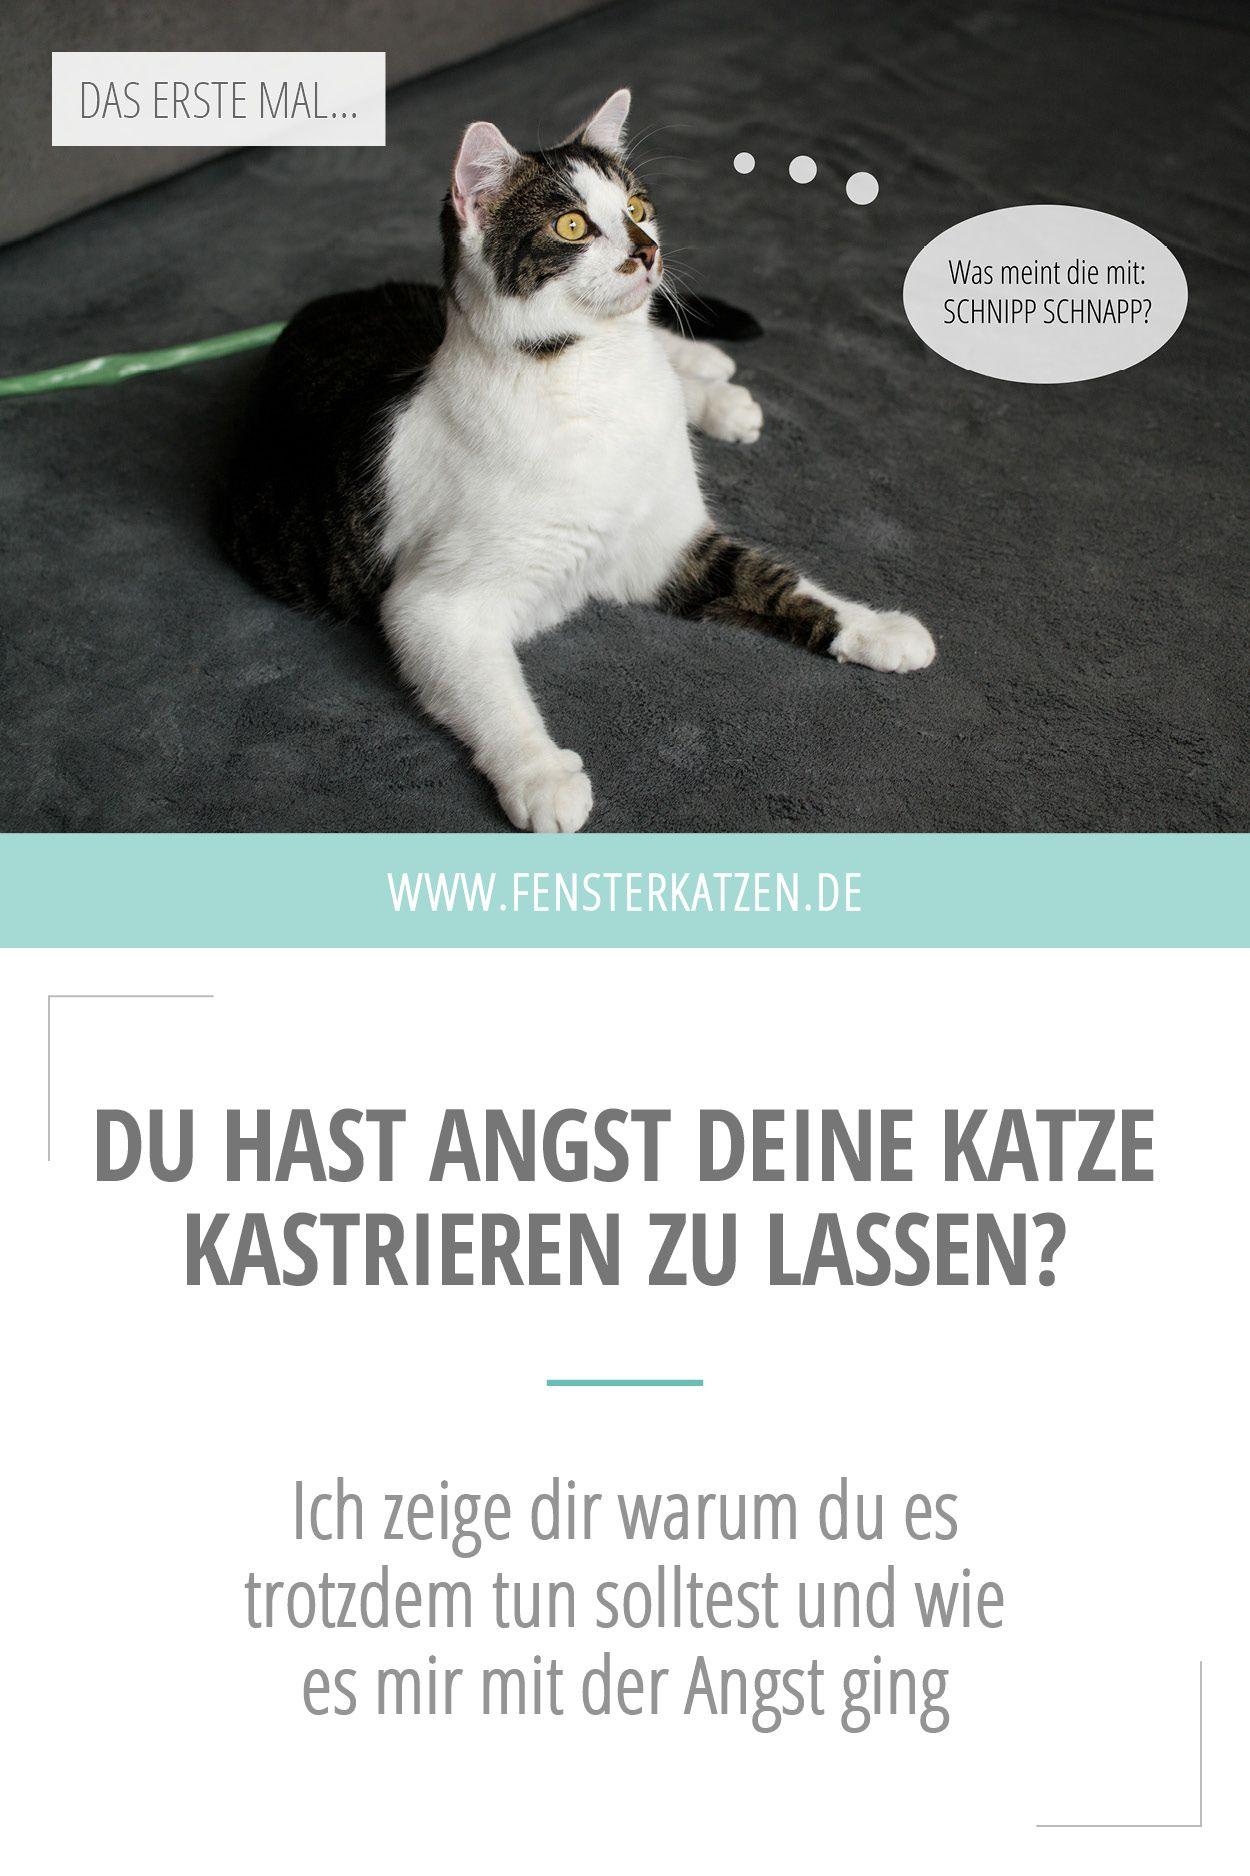 Eine Katze Kastrieren Lassen Das Erste Mal Katzen Katzenhaltung Tierarzt